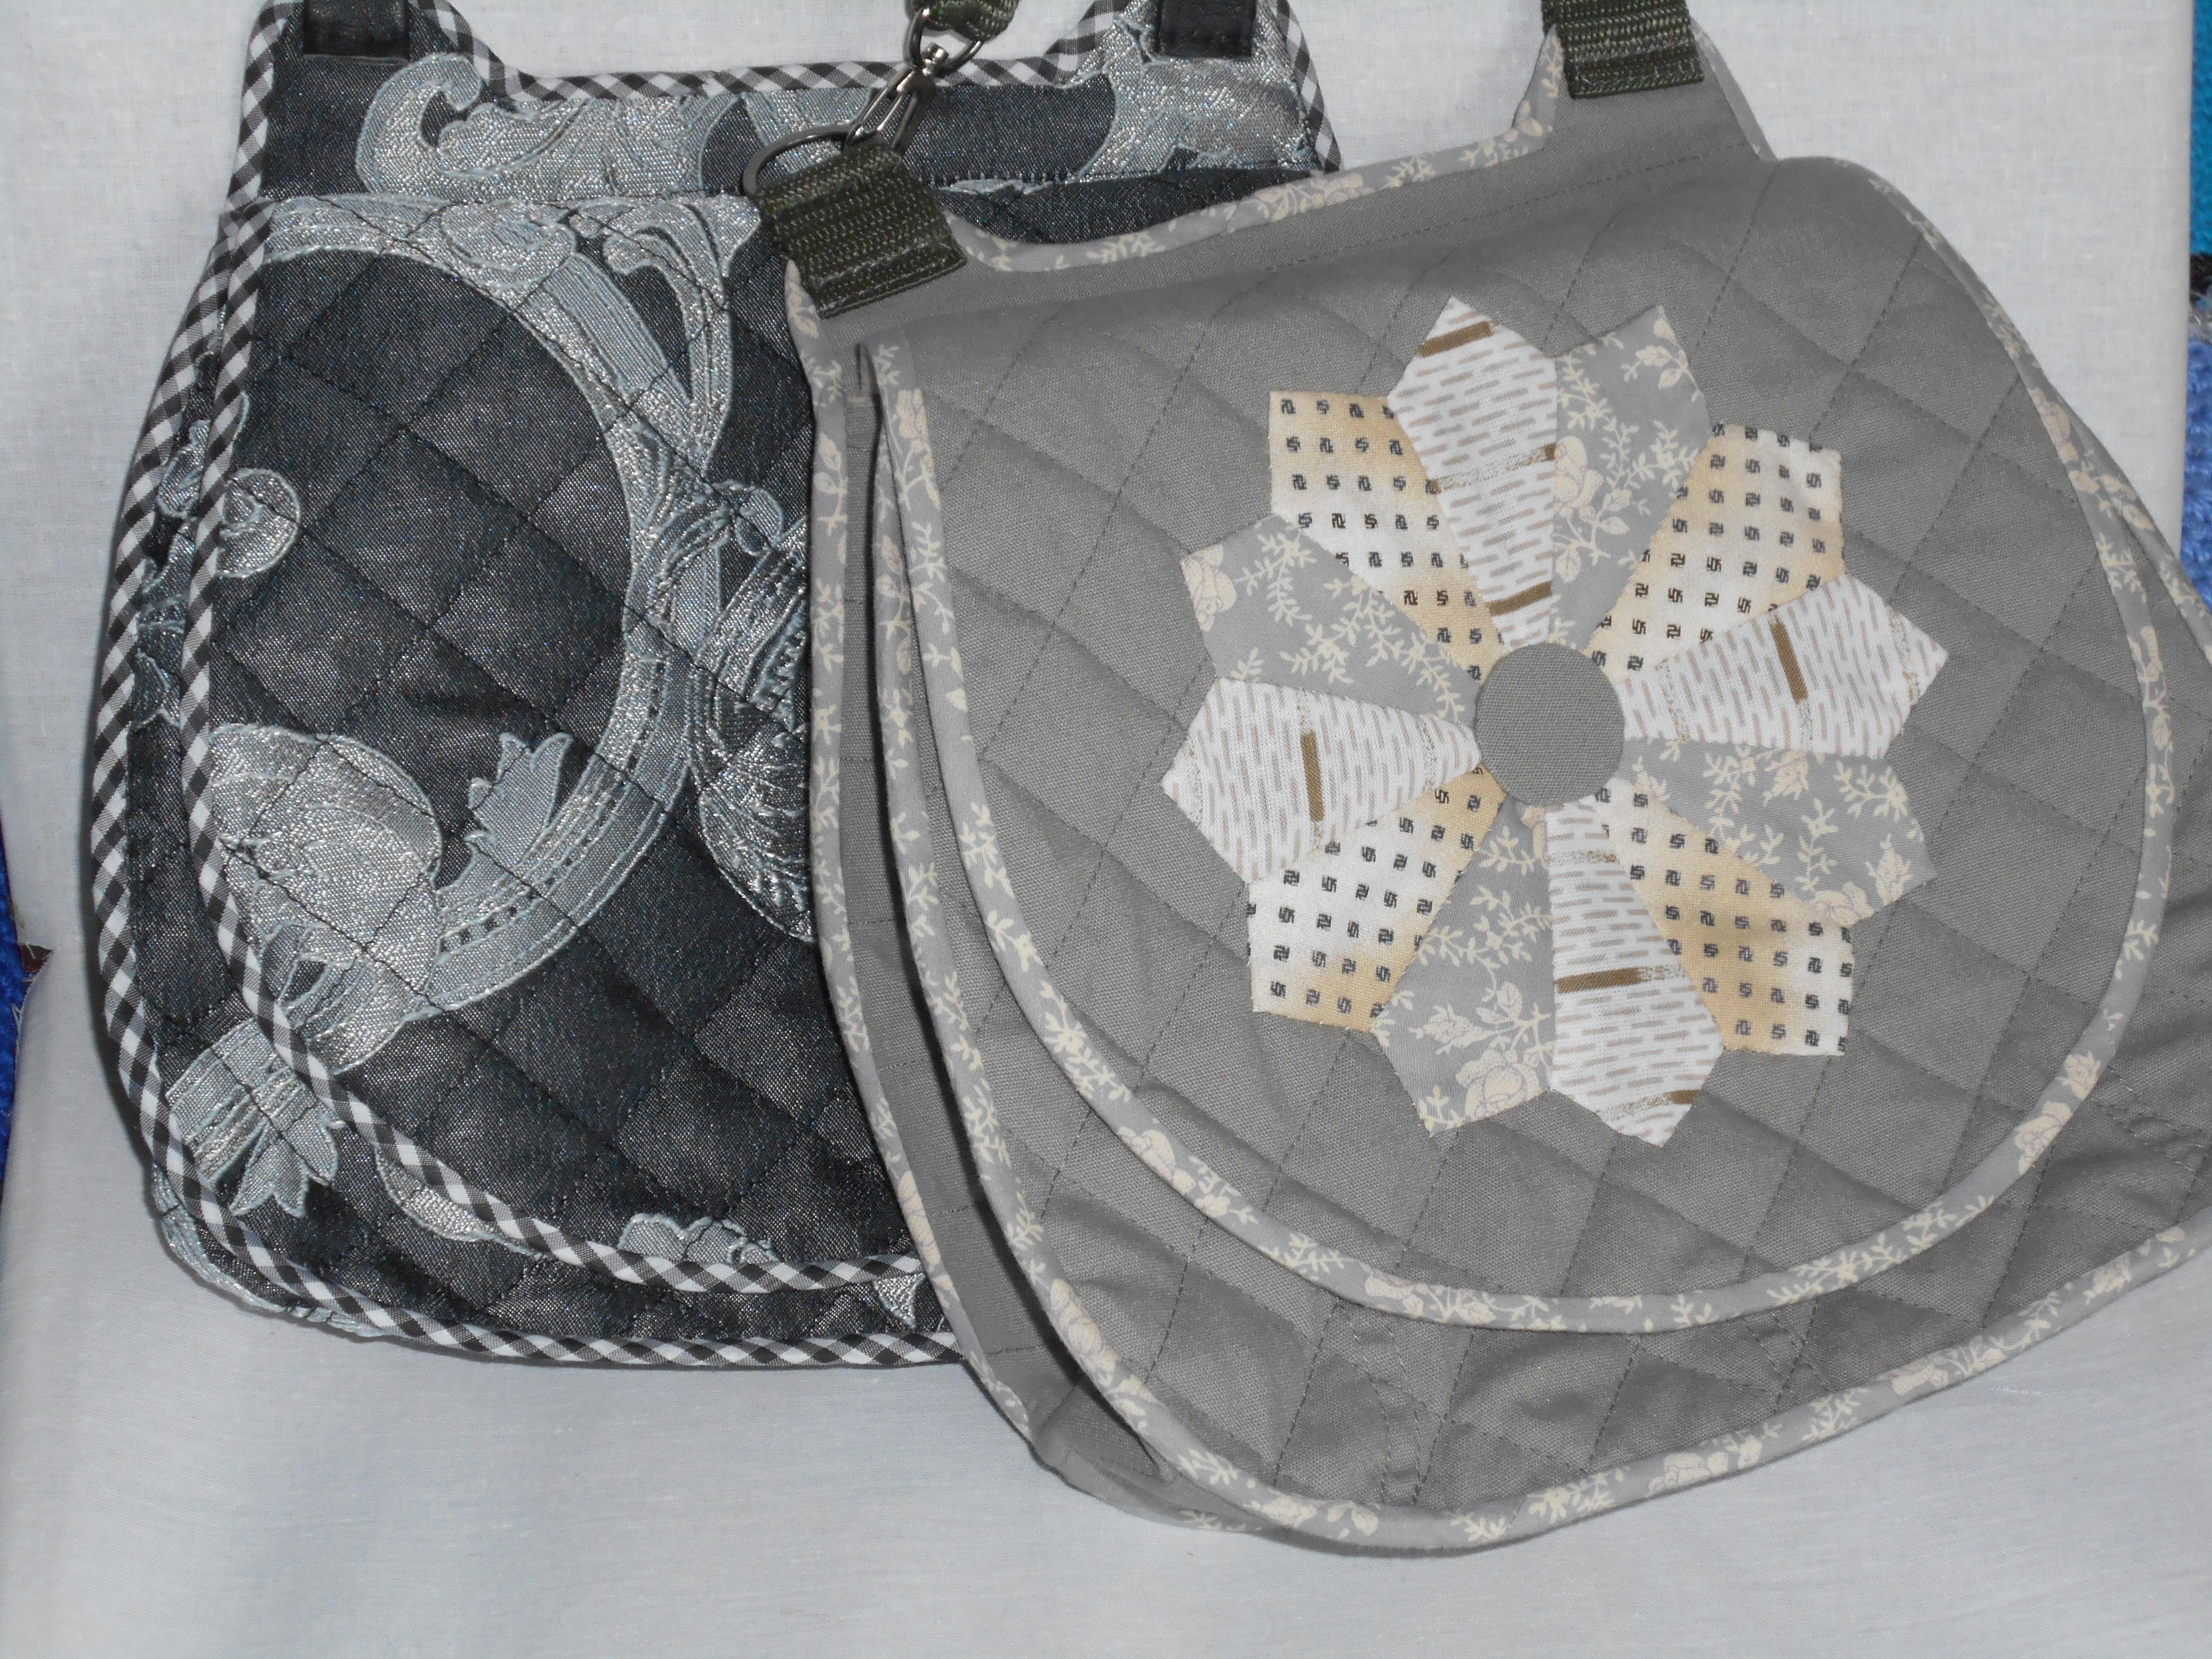 f5c1135d Две сумки по одной выкройке - запись пользователя olga (Ольга) в ...